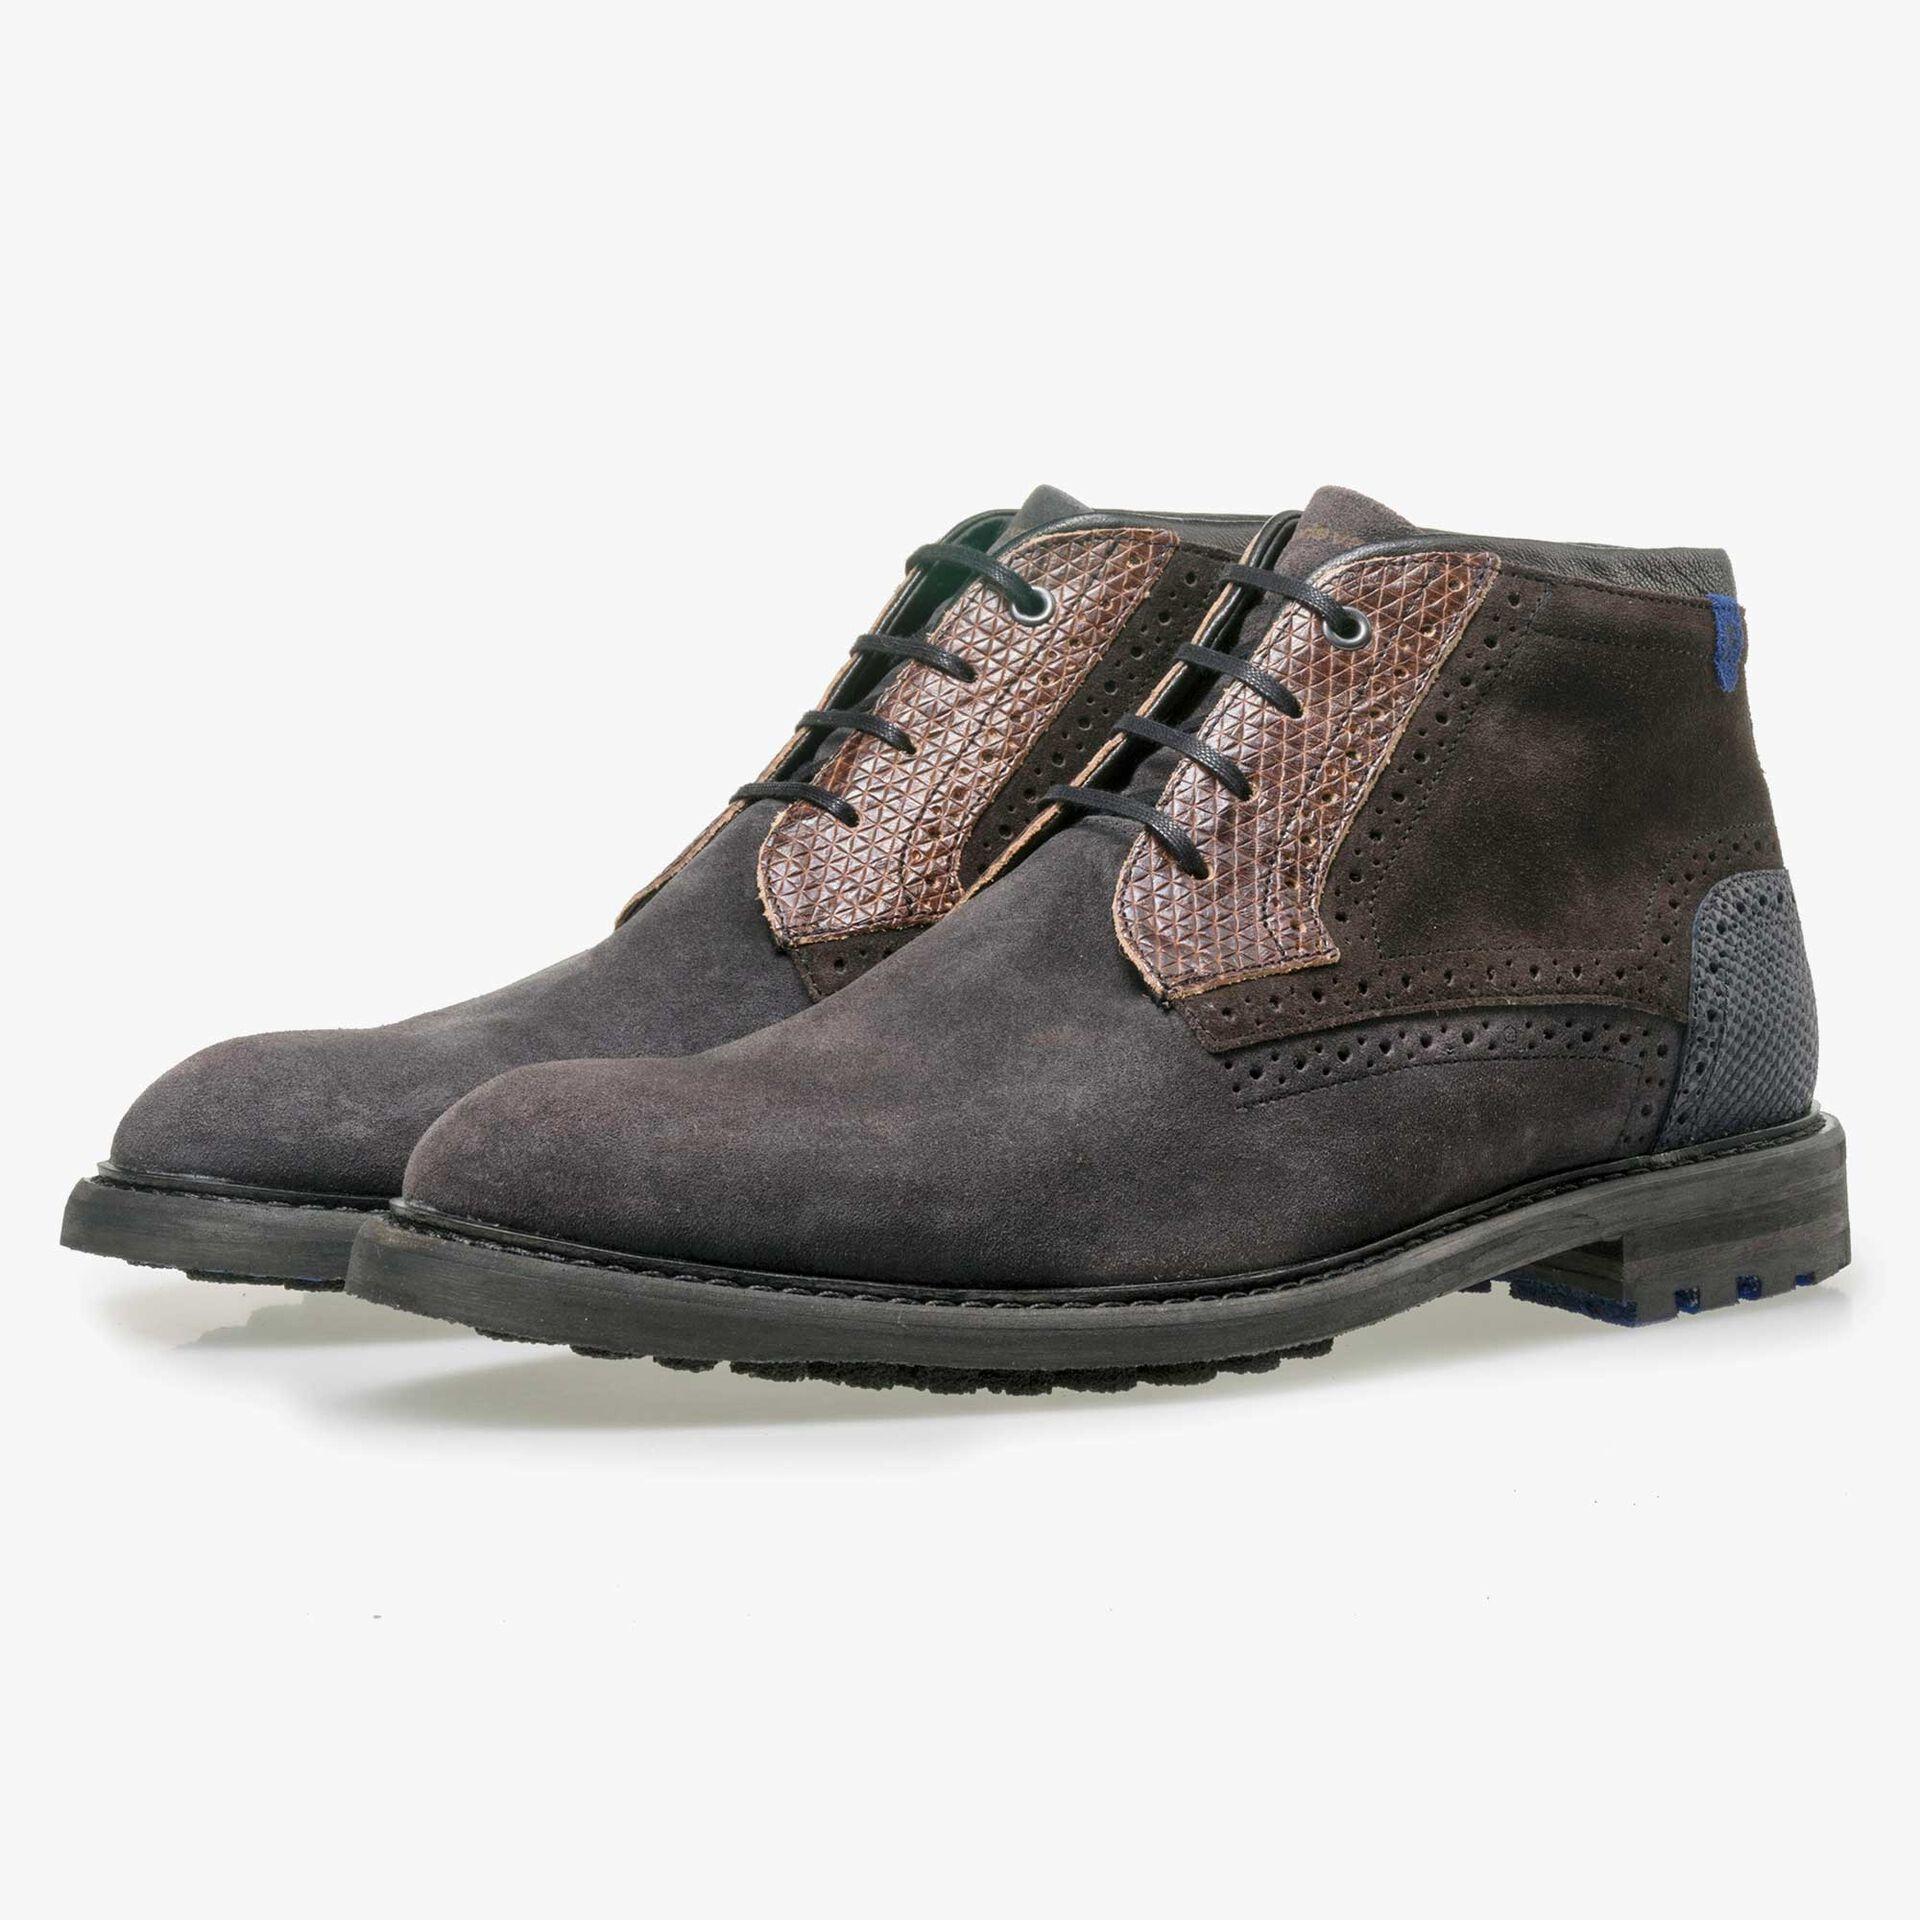 Floris van Bommel men's dark grey suede leather lace boot